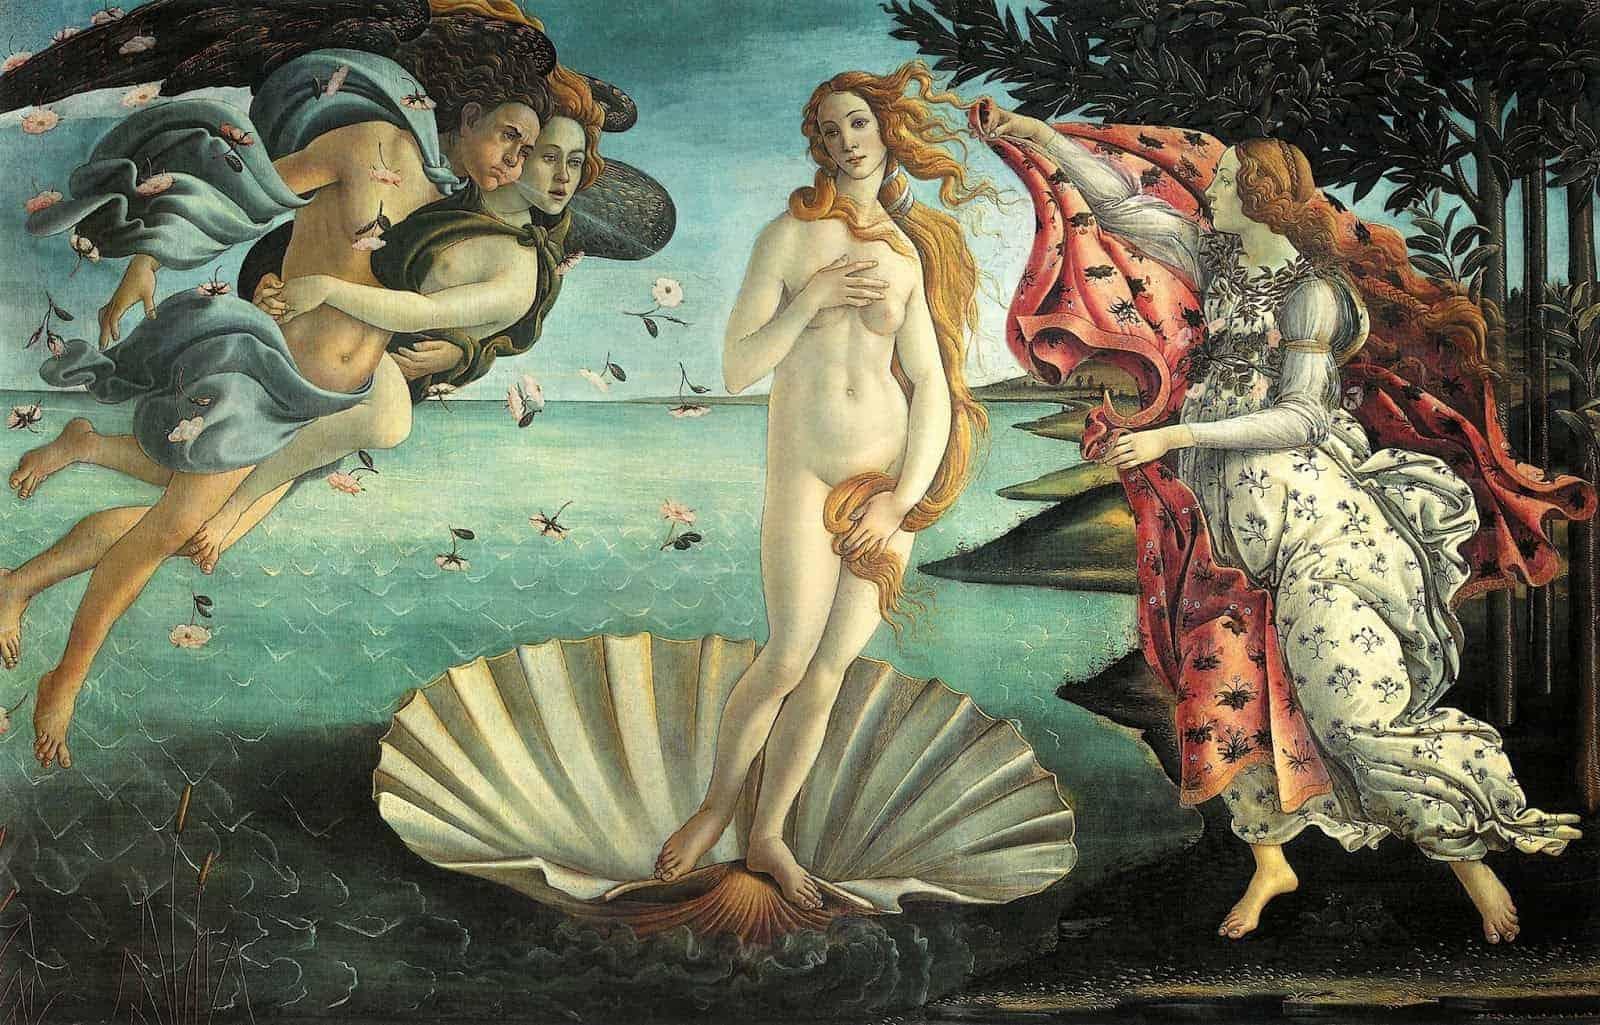 La Dea Venere raffigurata nel capolavoro di Botticelli - La nascita di Venere